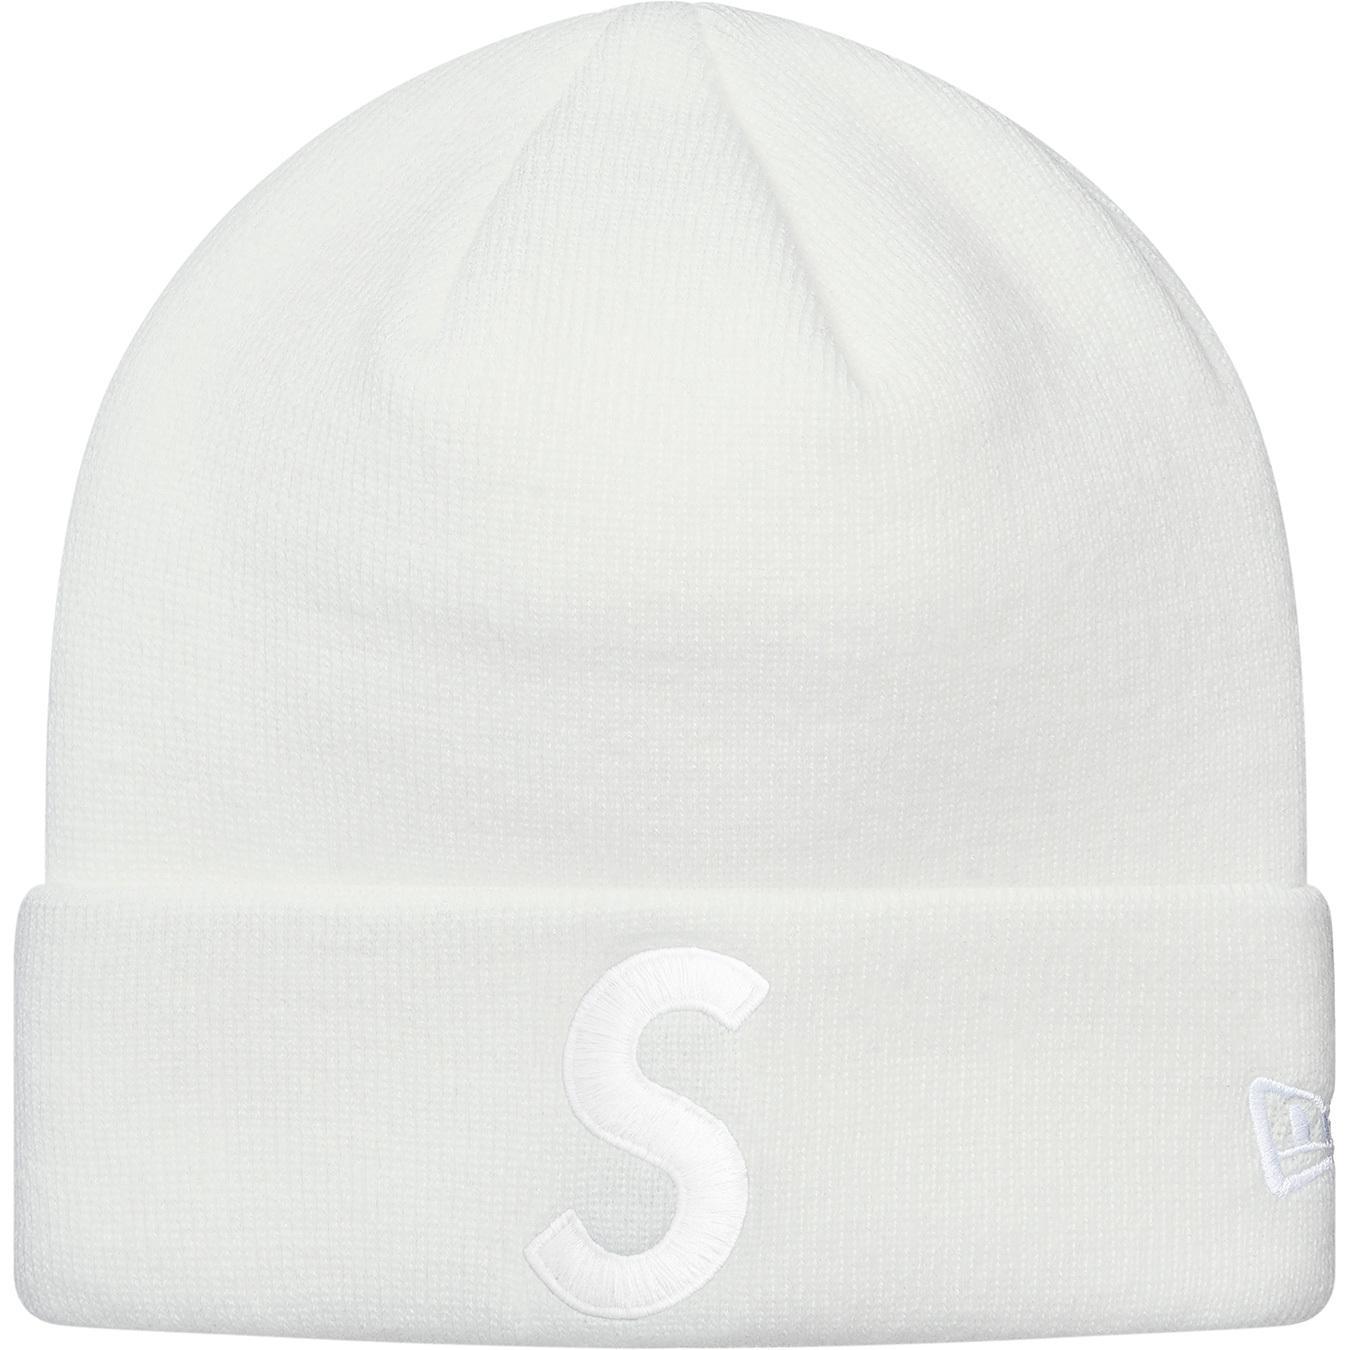 656df8e8962 Supreme - New Era S Logo Beanie White - Lyst. View fullscreen